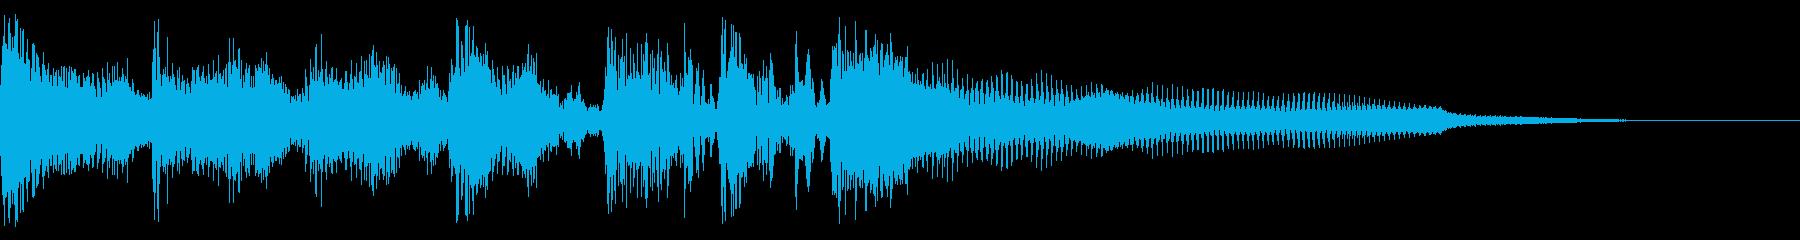 バーナードセグ2の再生済みの波形